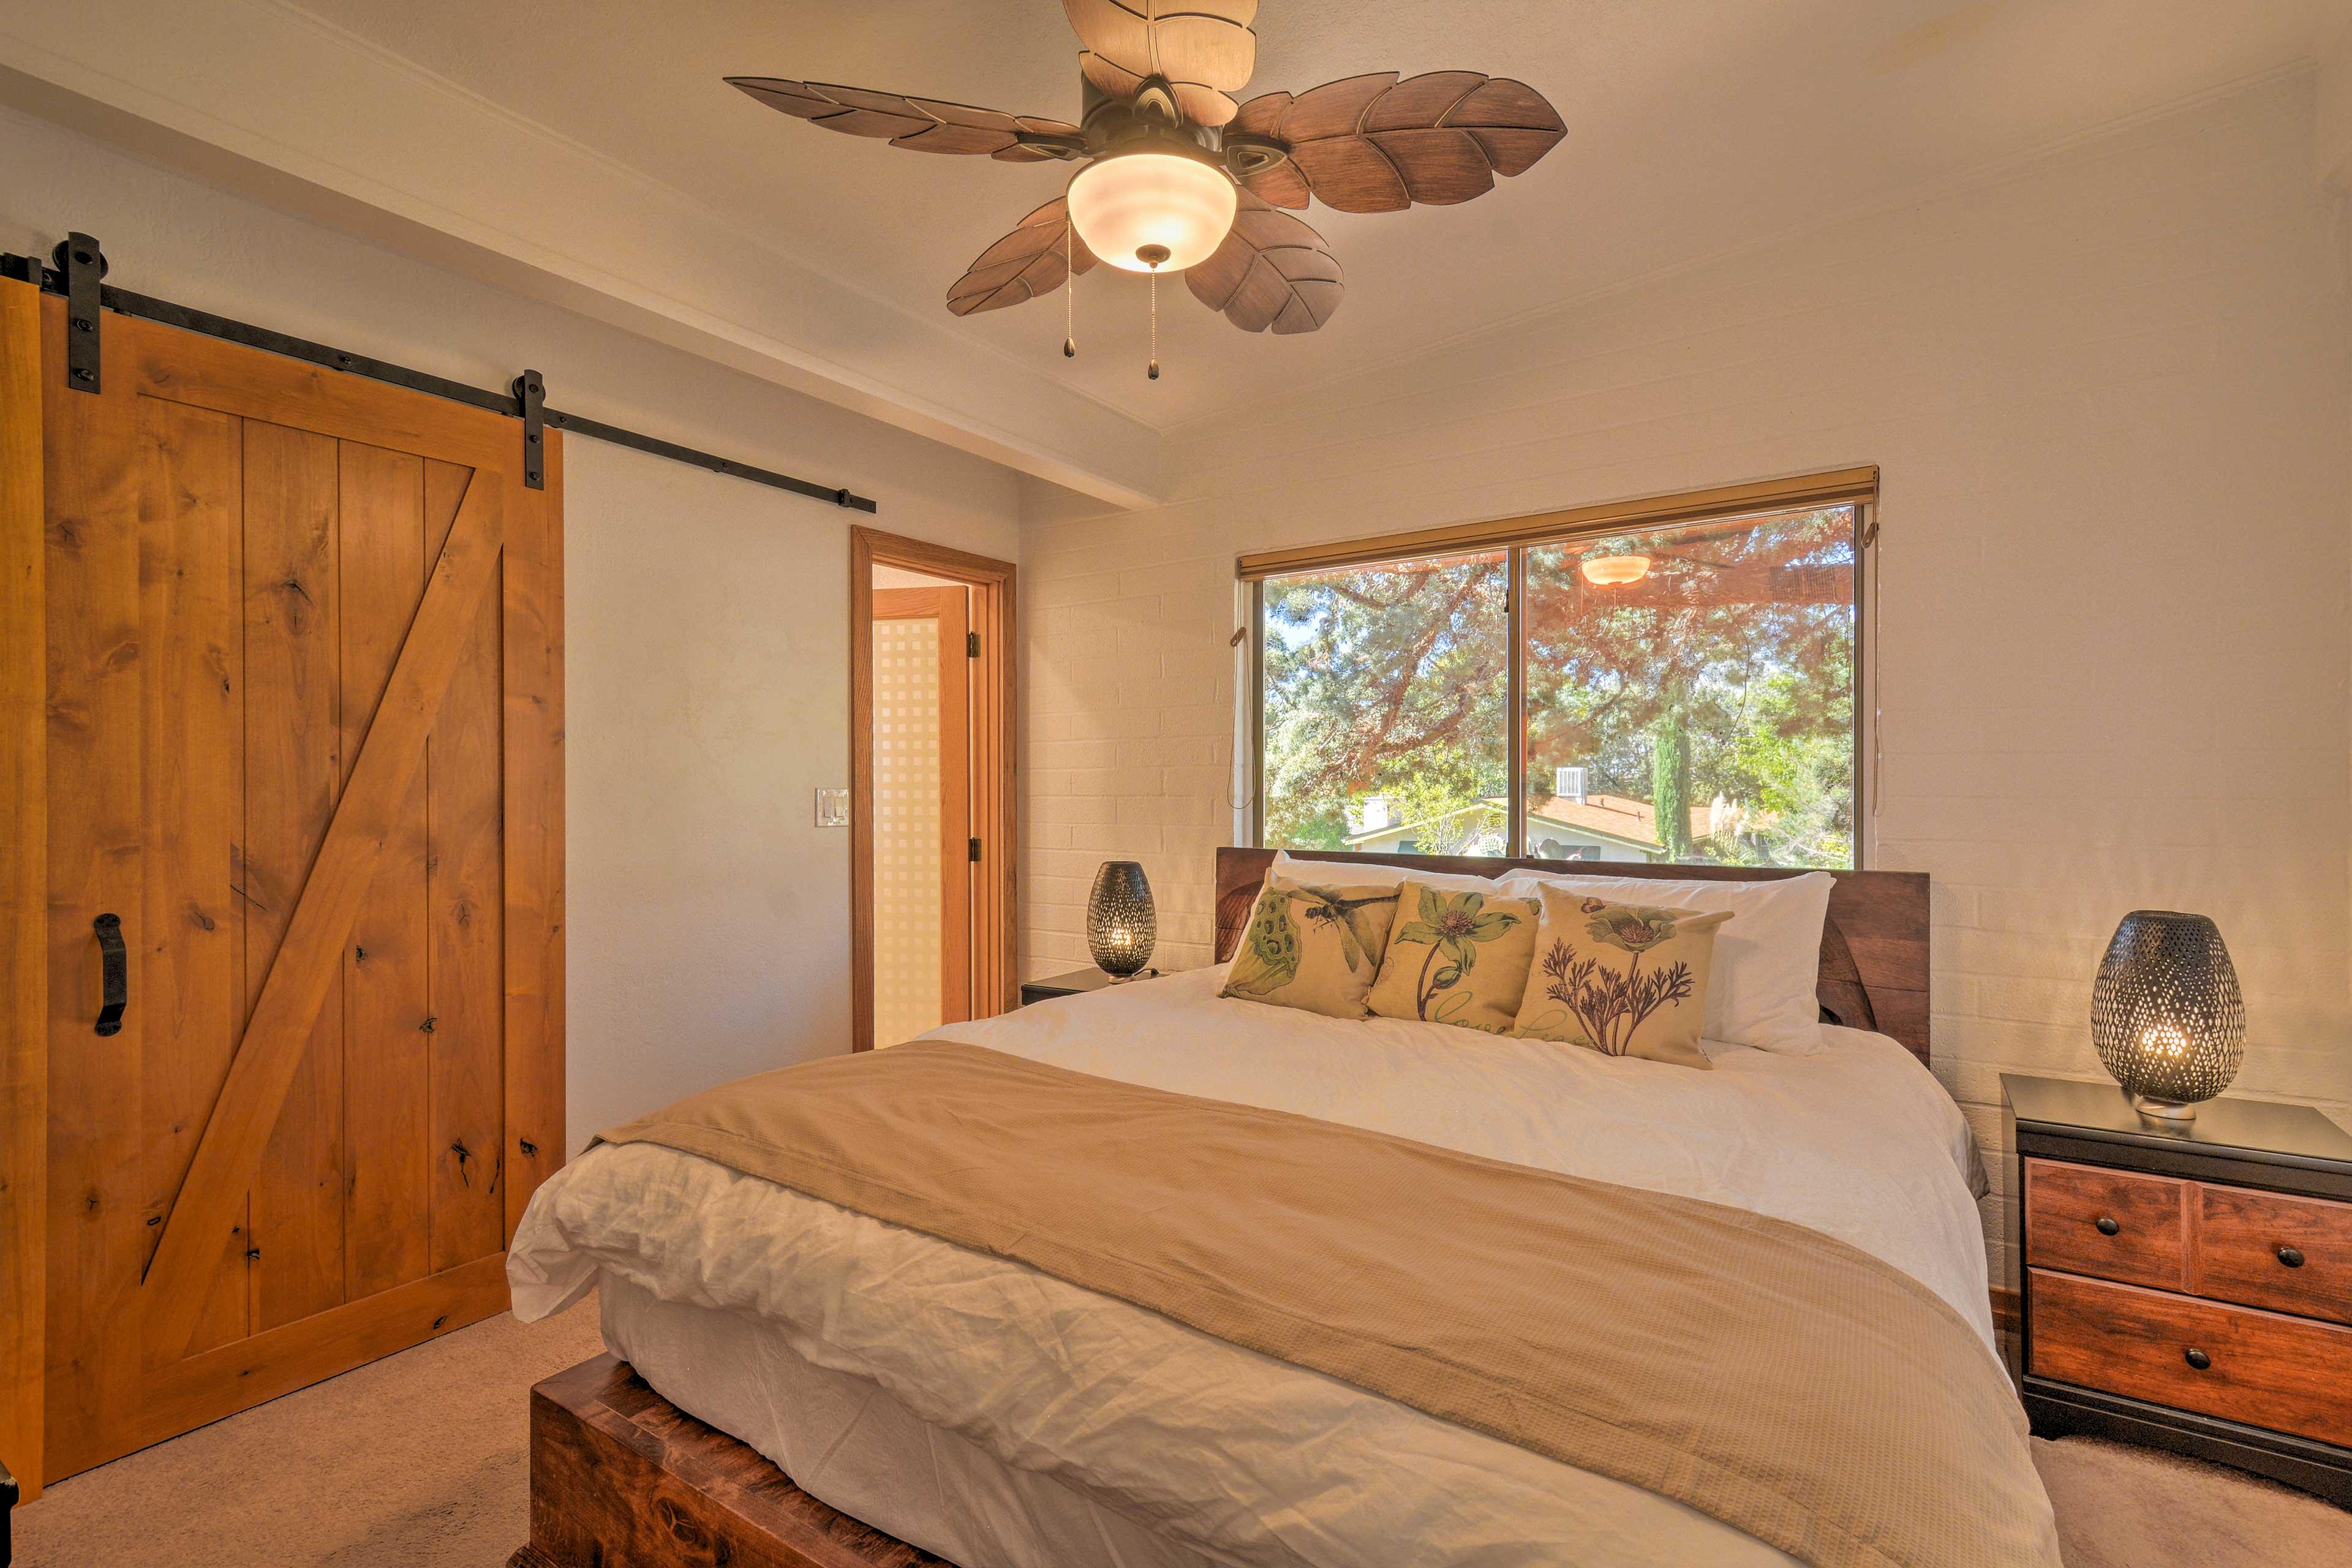 Master Bedroom | Walk-In Closet | Ceiling Fan